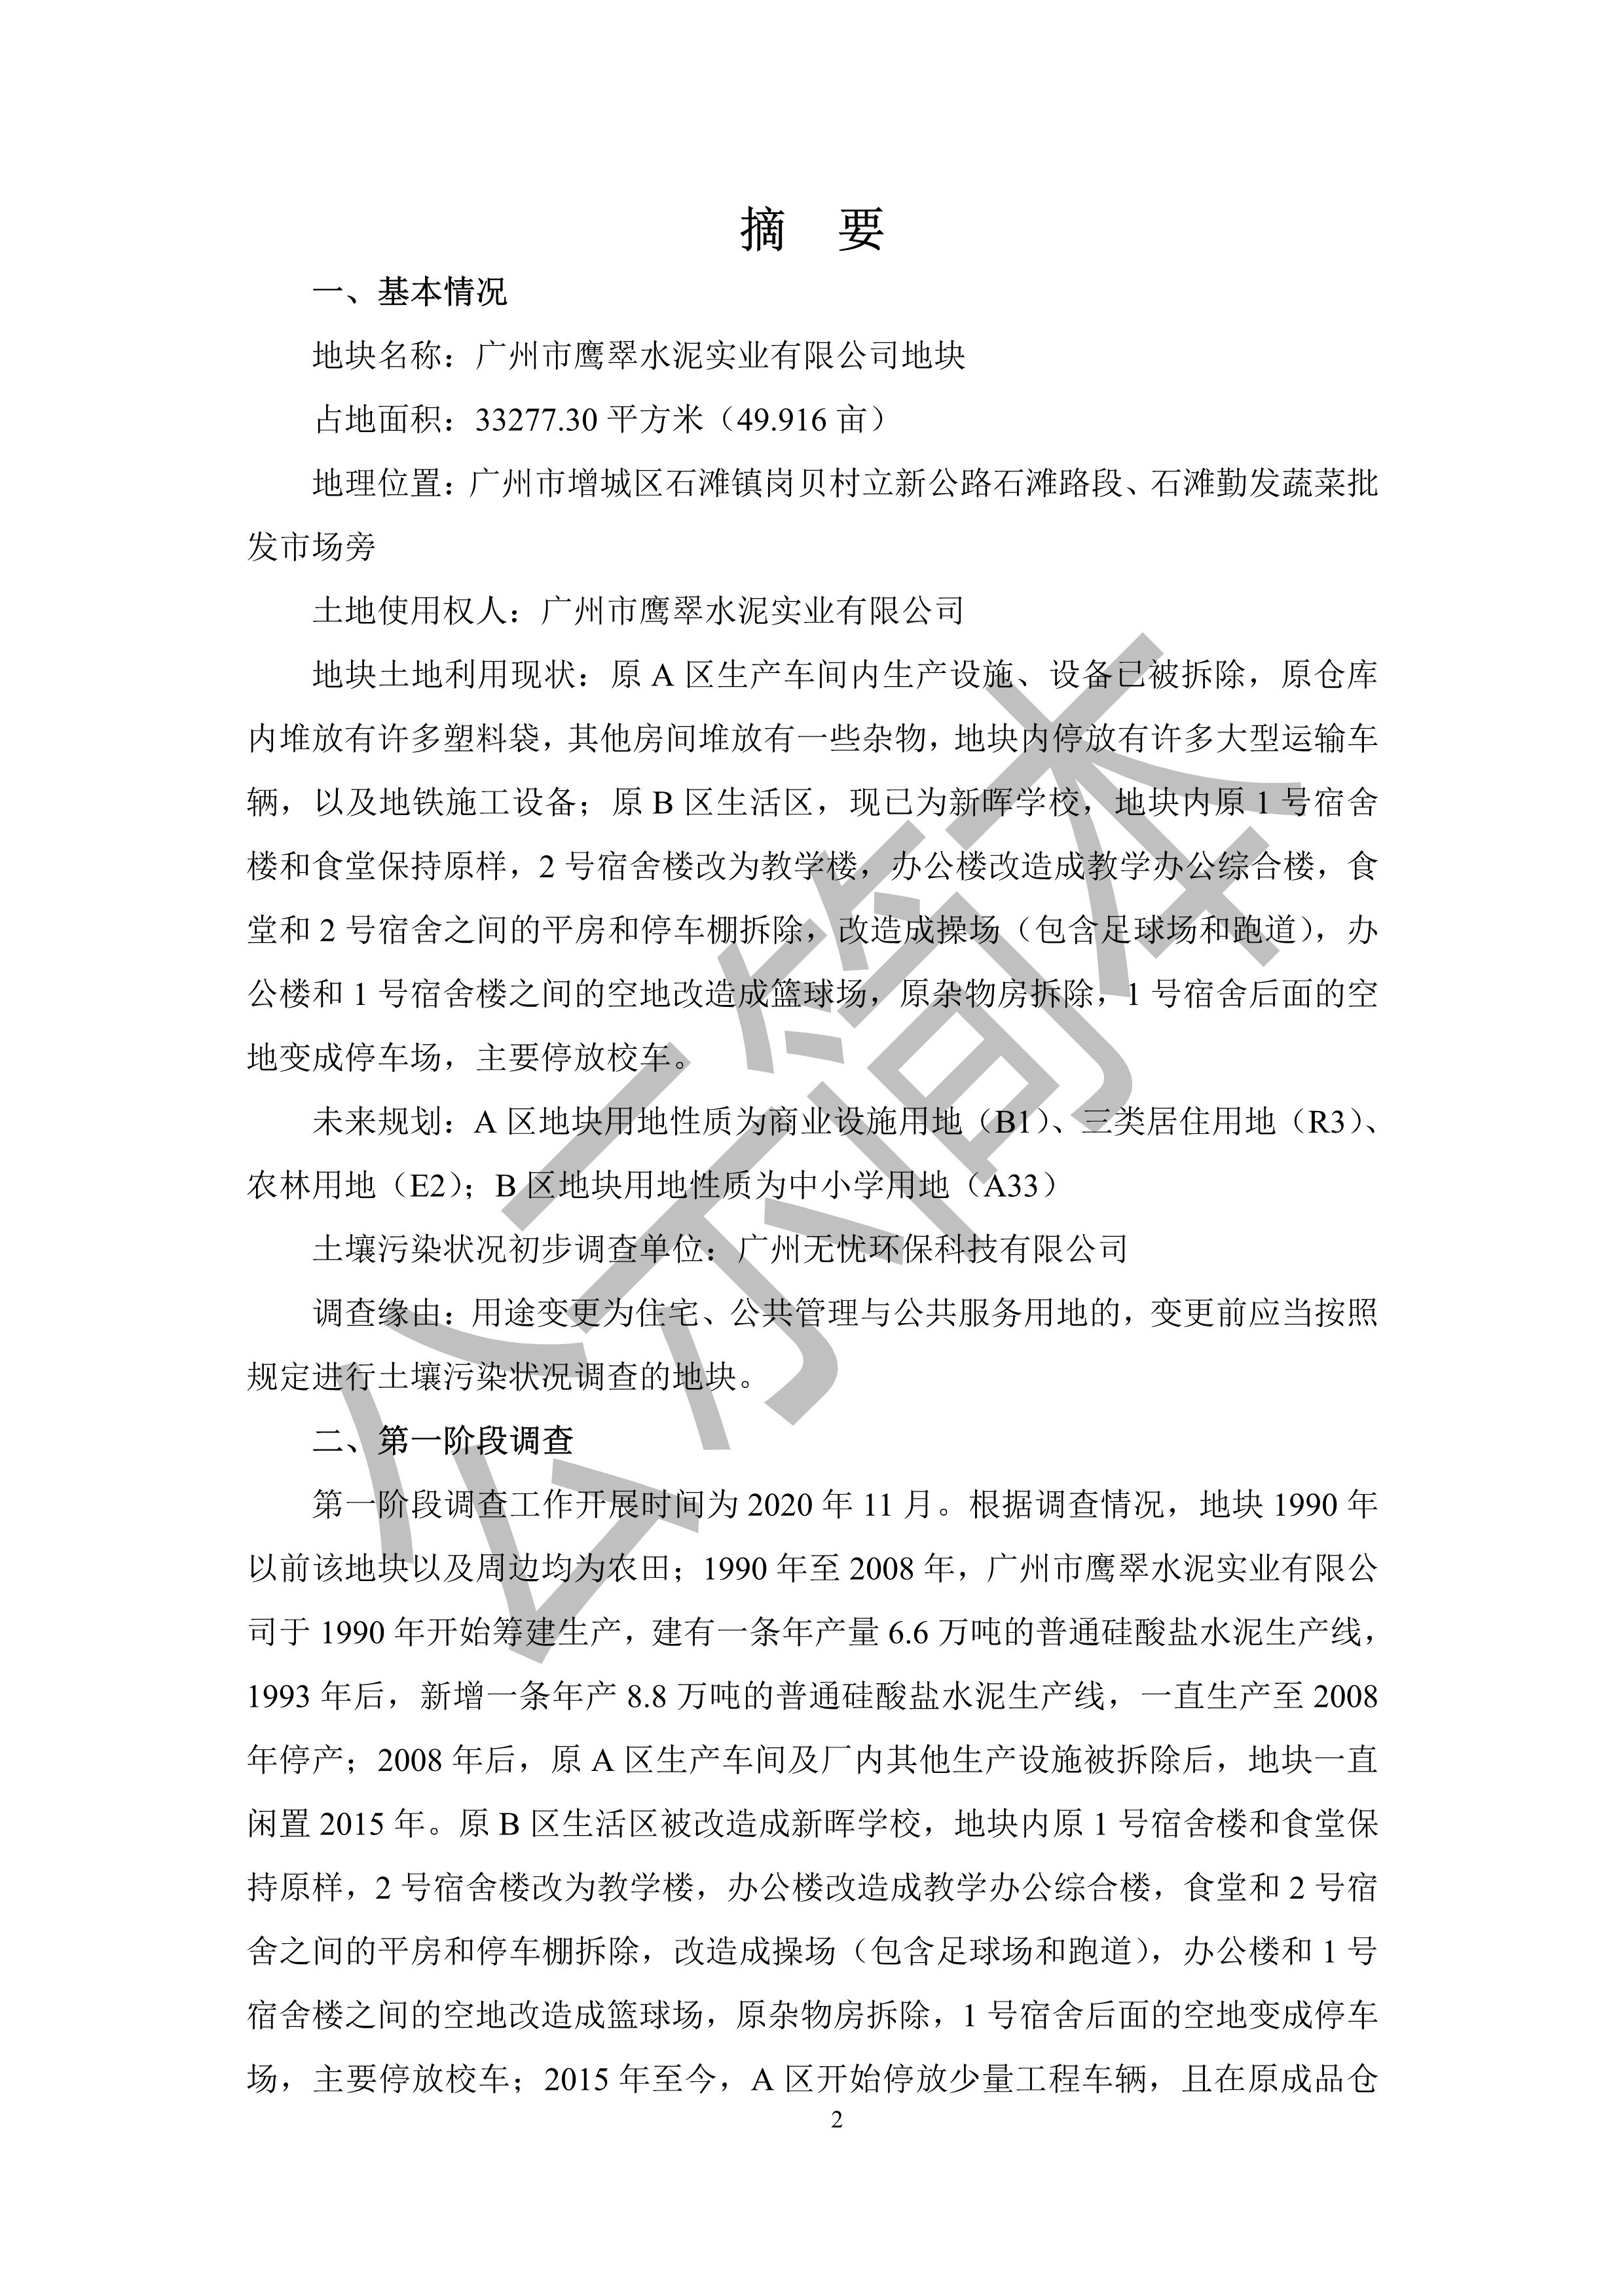 广州市鹰翠水泥实业有限公司地块土壤污染状况初步调查报告(公示简本)_2.png